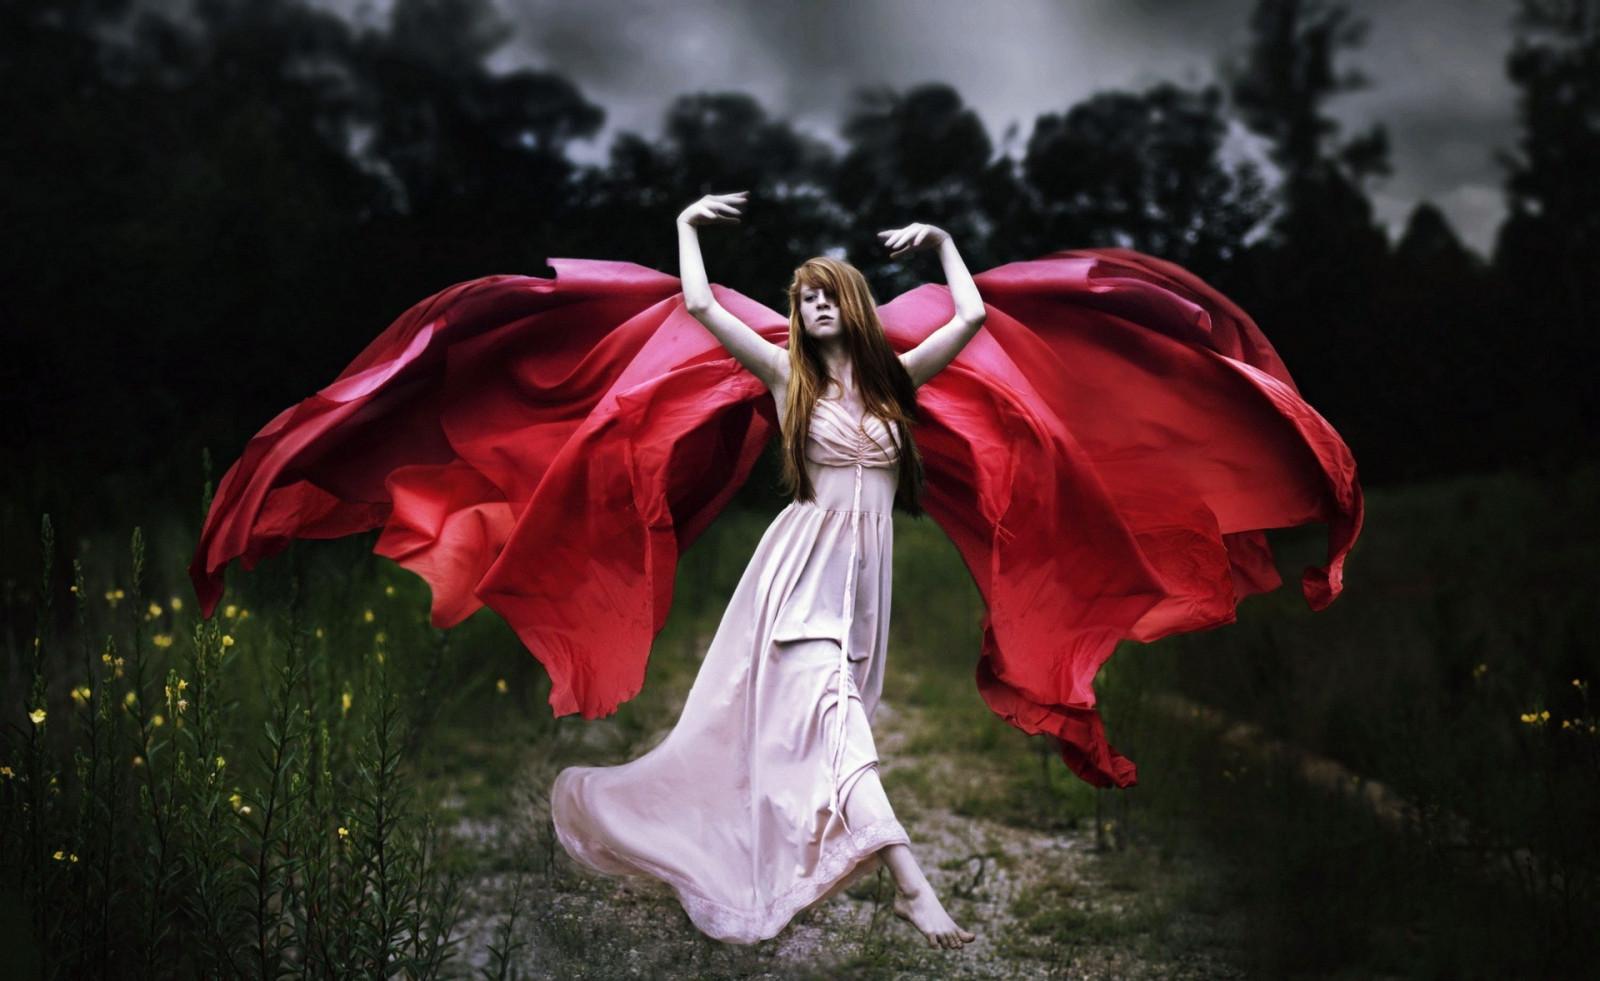 вагиз это девушка танцует в красном платье на природе милая